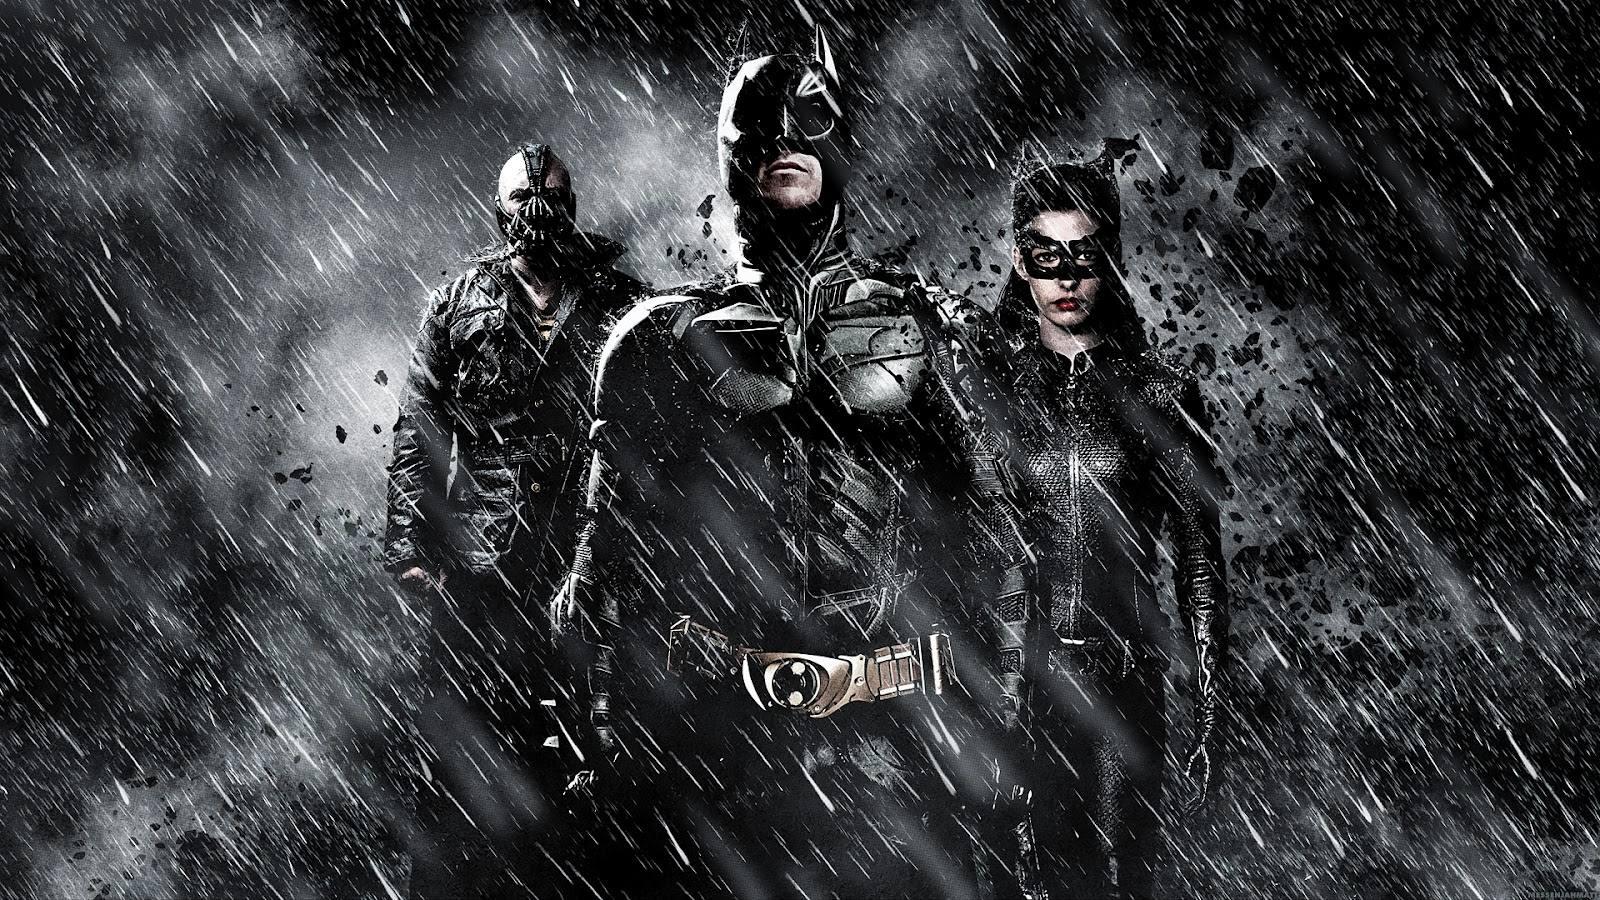 7. El caballero oscuro: la leyenda renace (2012): 182 millones de euros